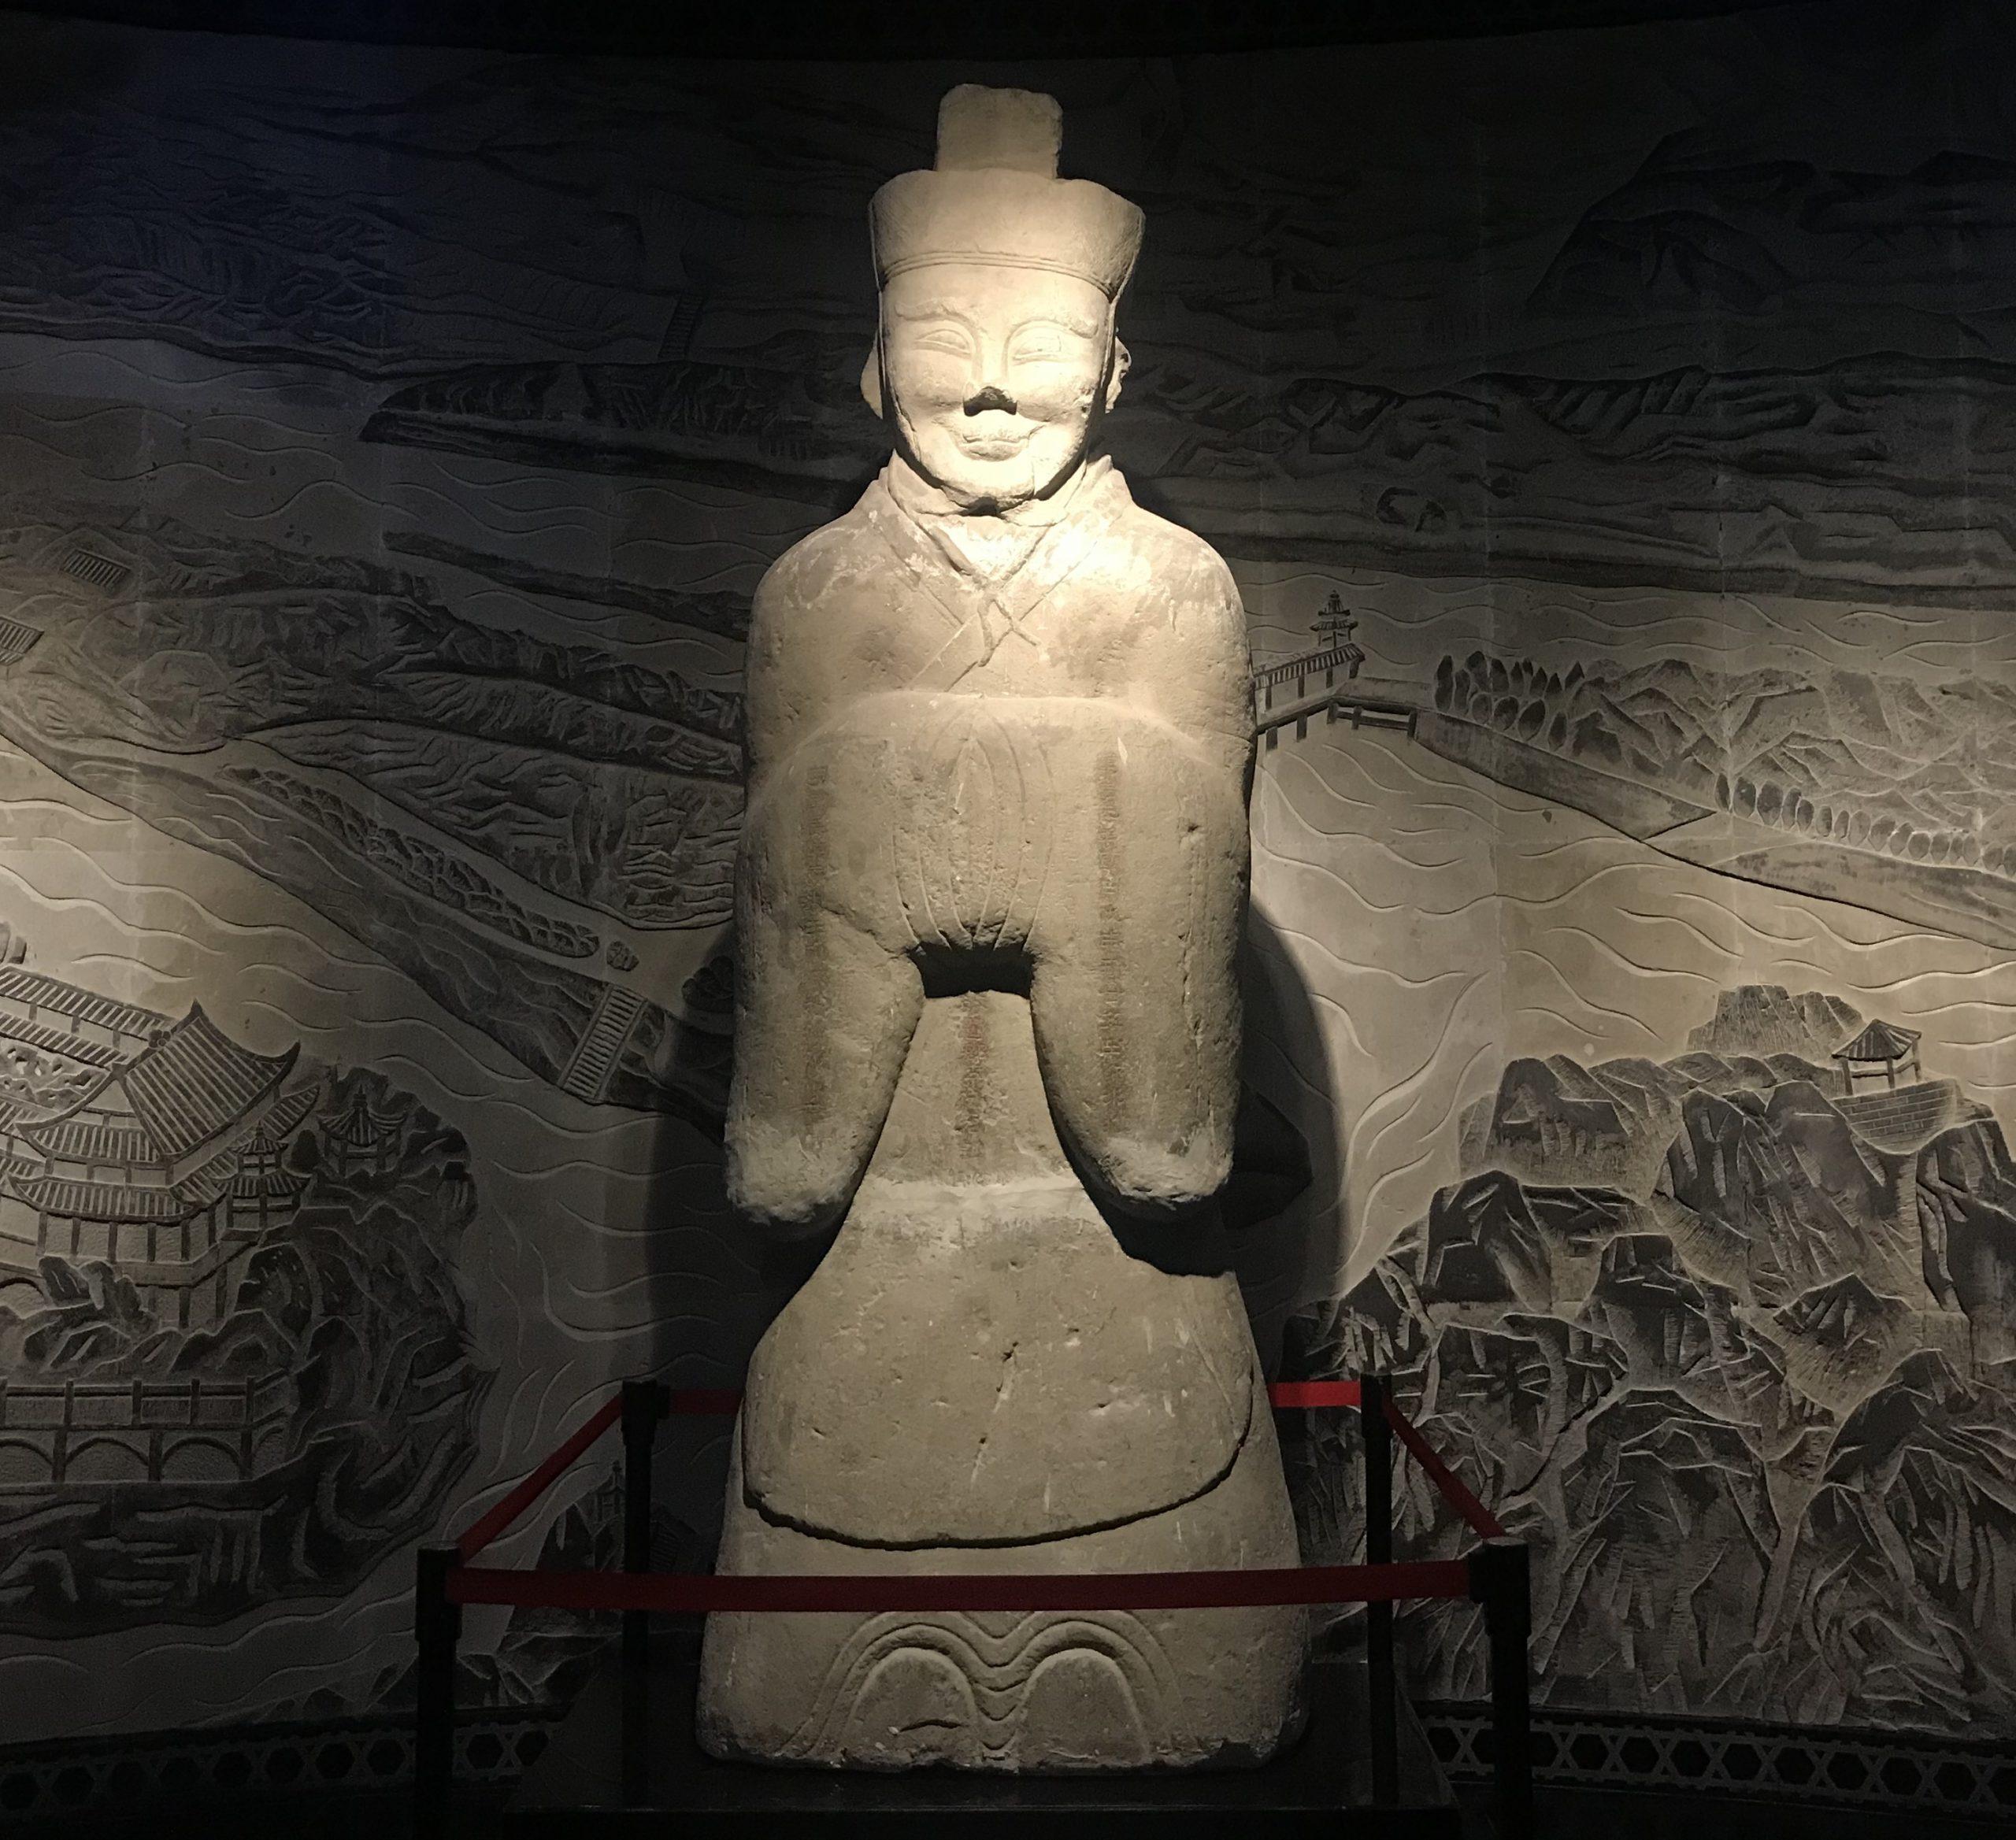 李冰石像-東漢-都江堰市出土-四川漢代陶石芸術館-四川博物院-成都